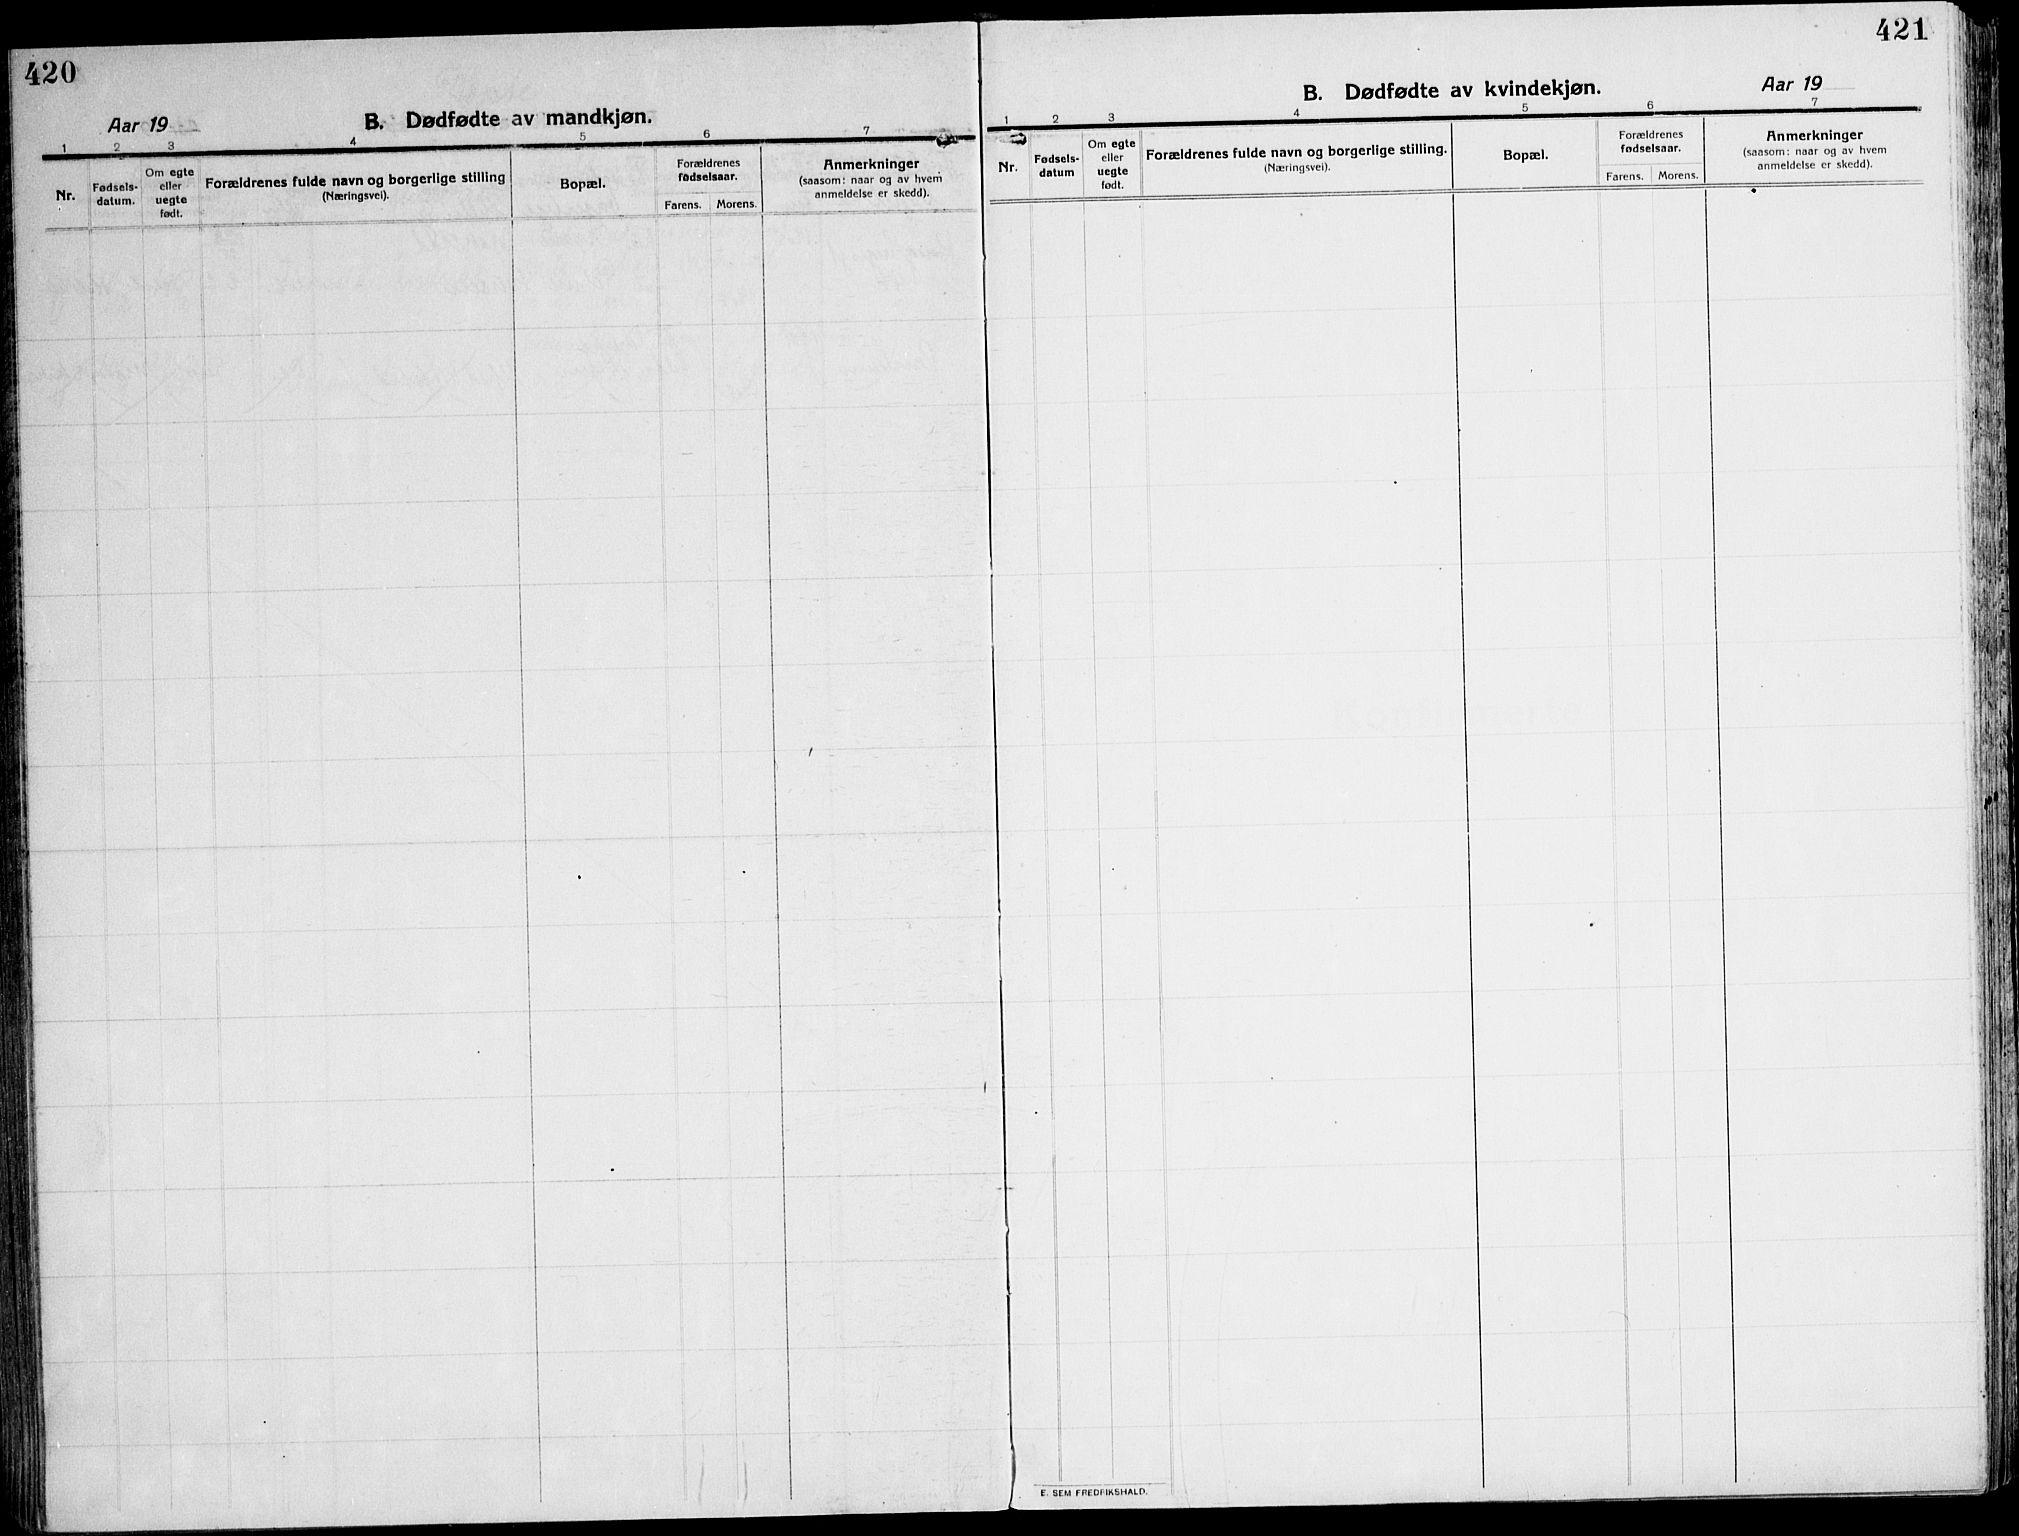 SAT, Ministerialprotokoller, klokkerbøker og fødselsregistre - Sør-Trøndelag, 607/L0321: Ministerialbok nr. 607A05, 1916-1935, s. 420-421